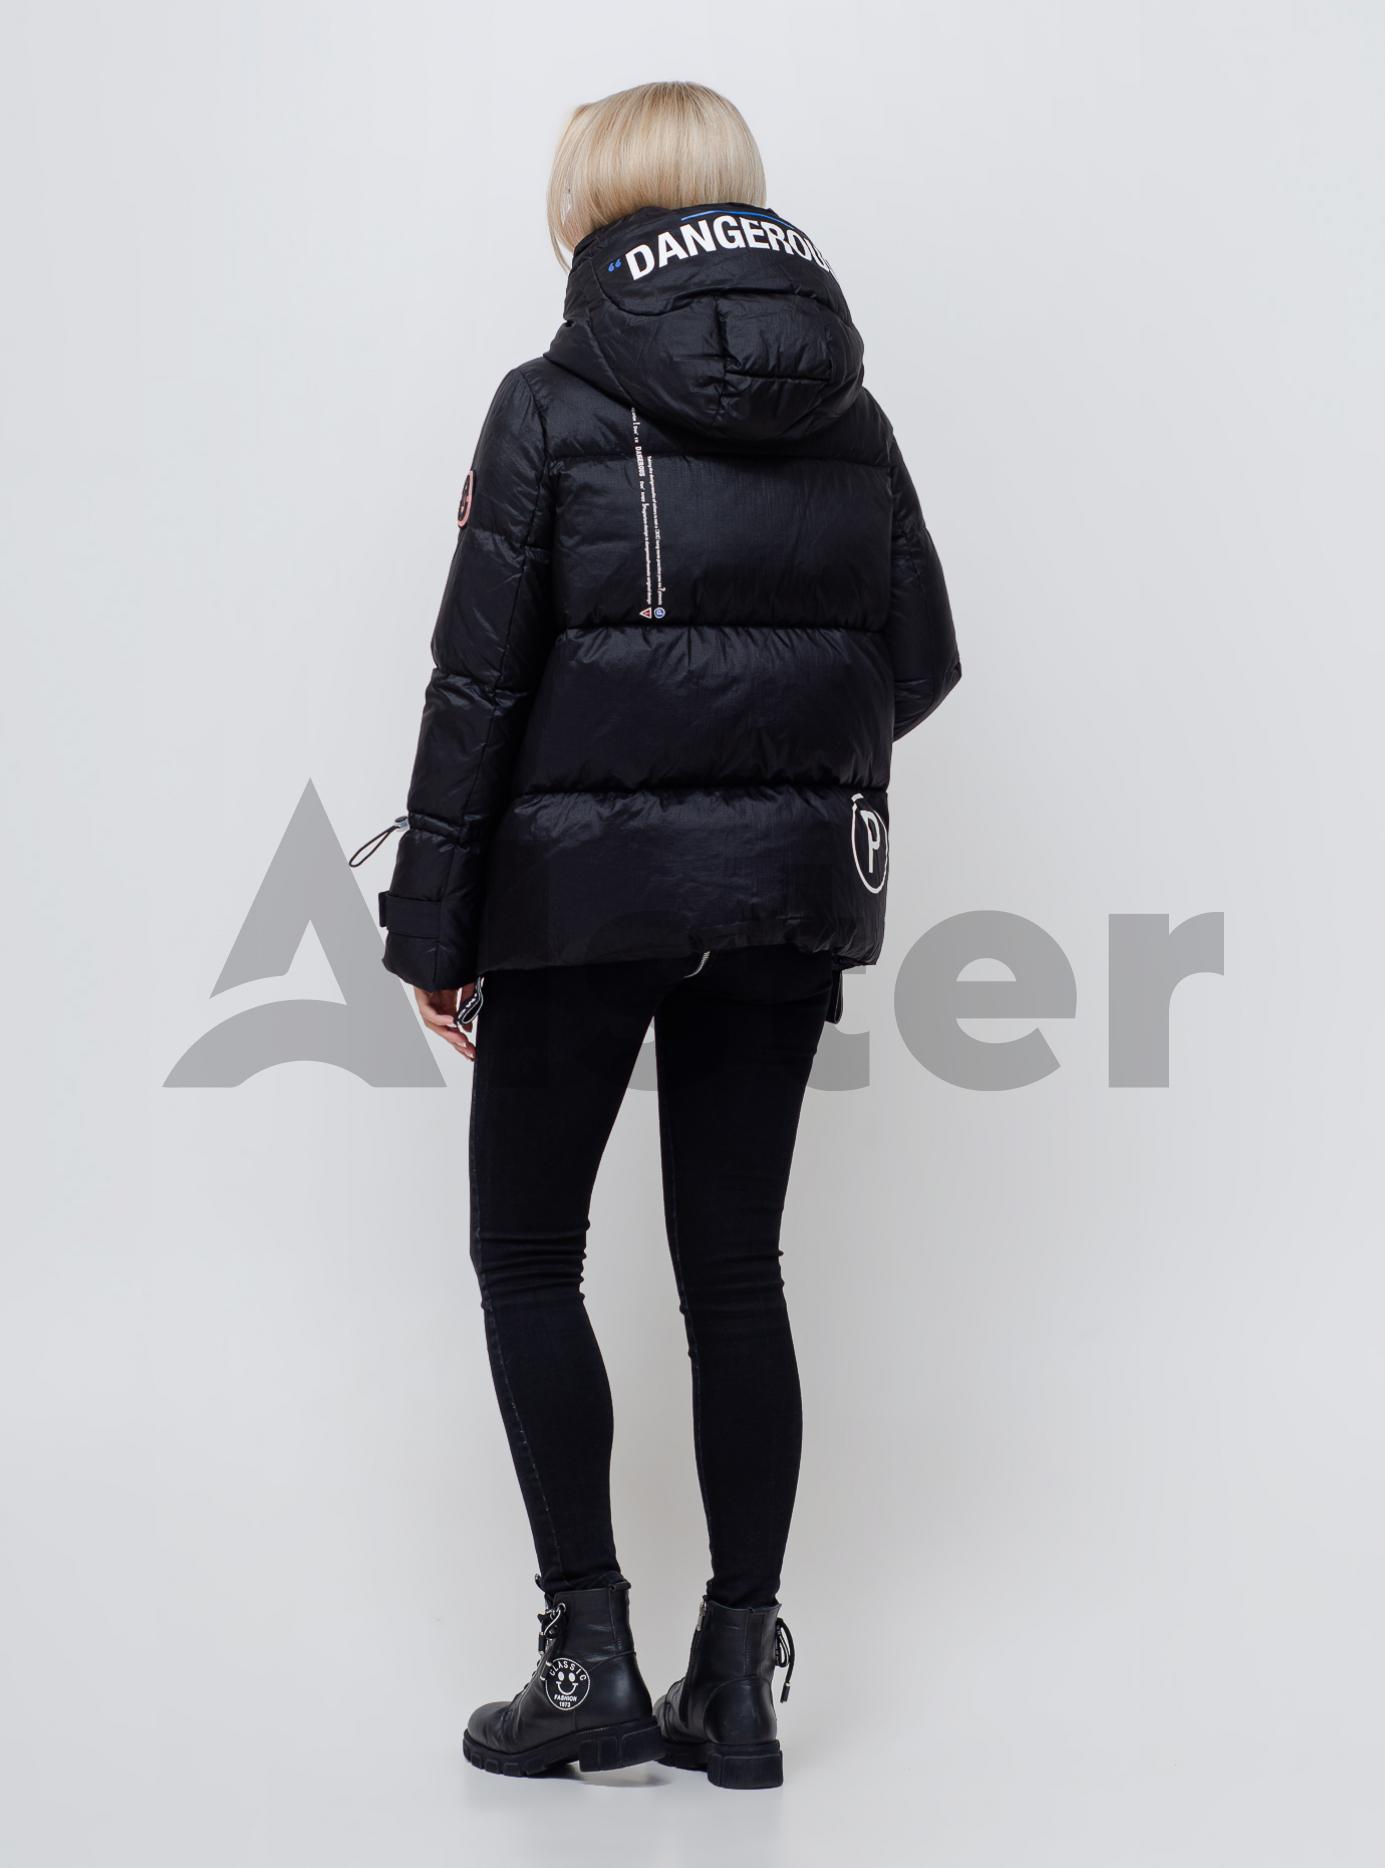 Женский пуховик с капюшоном Чёрный S (05-SV201168): фото - Alster.ua